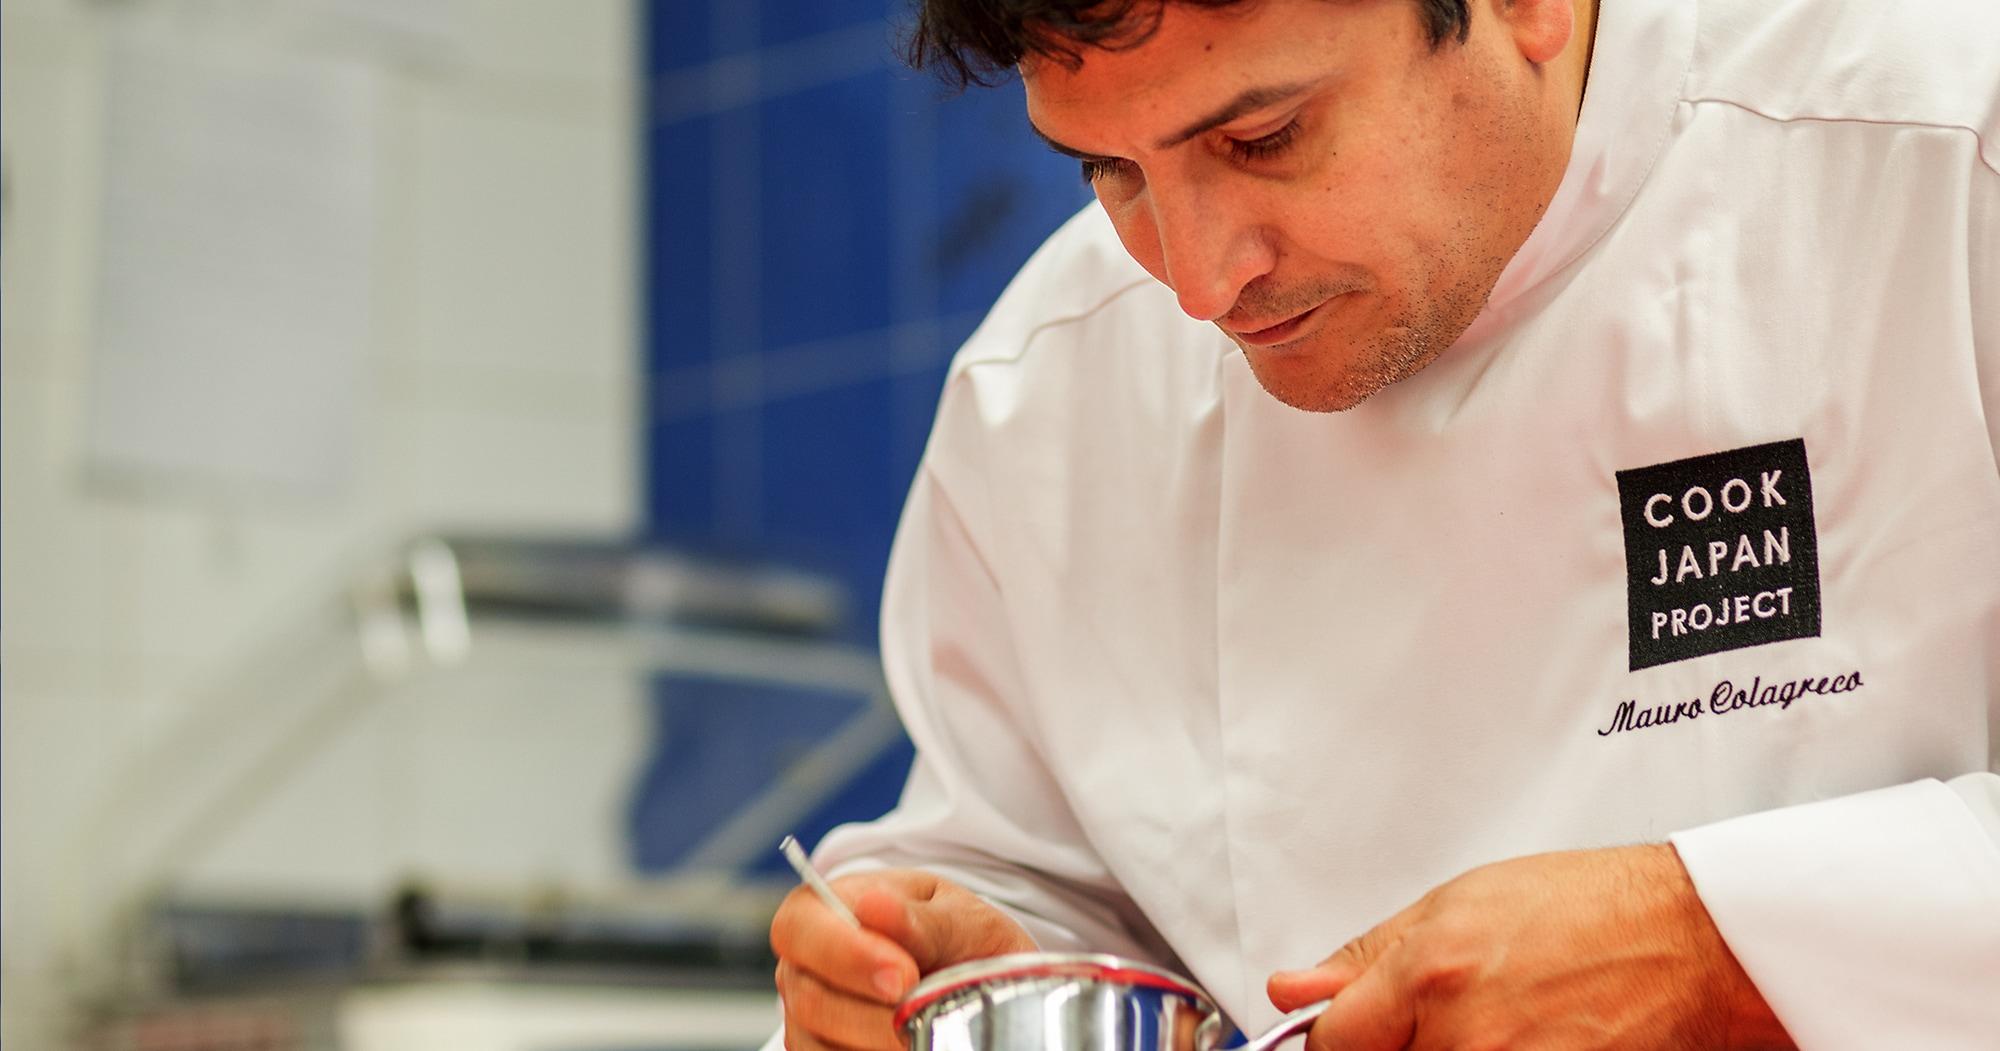 2019年4月~2020年1月まで10ヶ月間開催される「COOK JAPAN」。その言葉通り「日本の食材」を使って、世界のスターシェフが新しい料理を創り出すプロジェクトで来日して腕をふるったミラズールのシェフ、マウロ・コラグレコ。